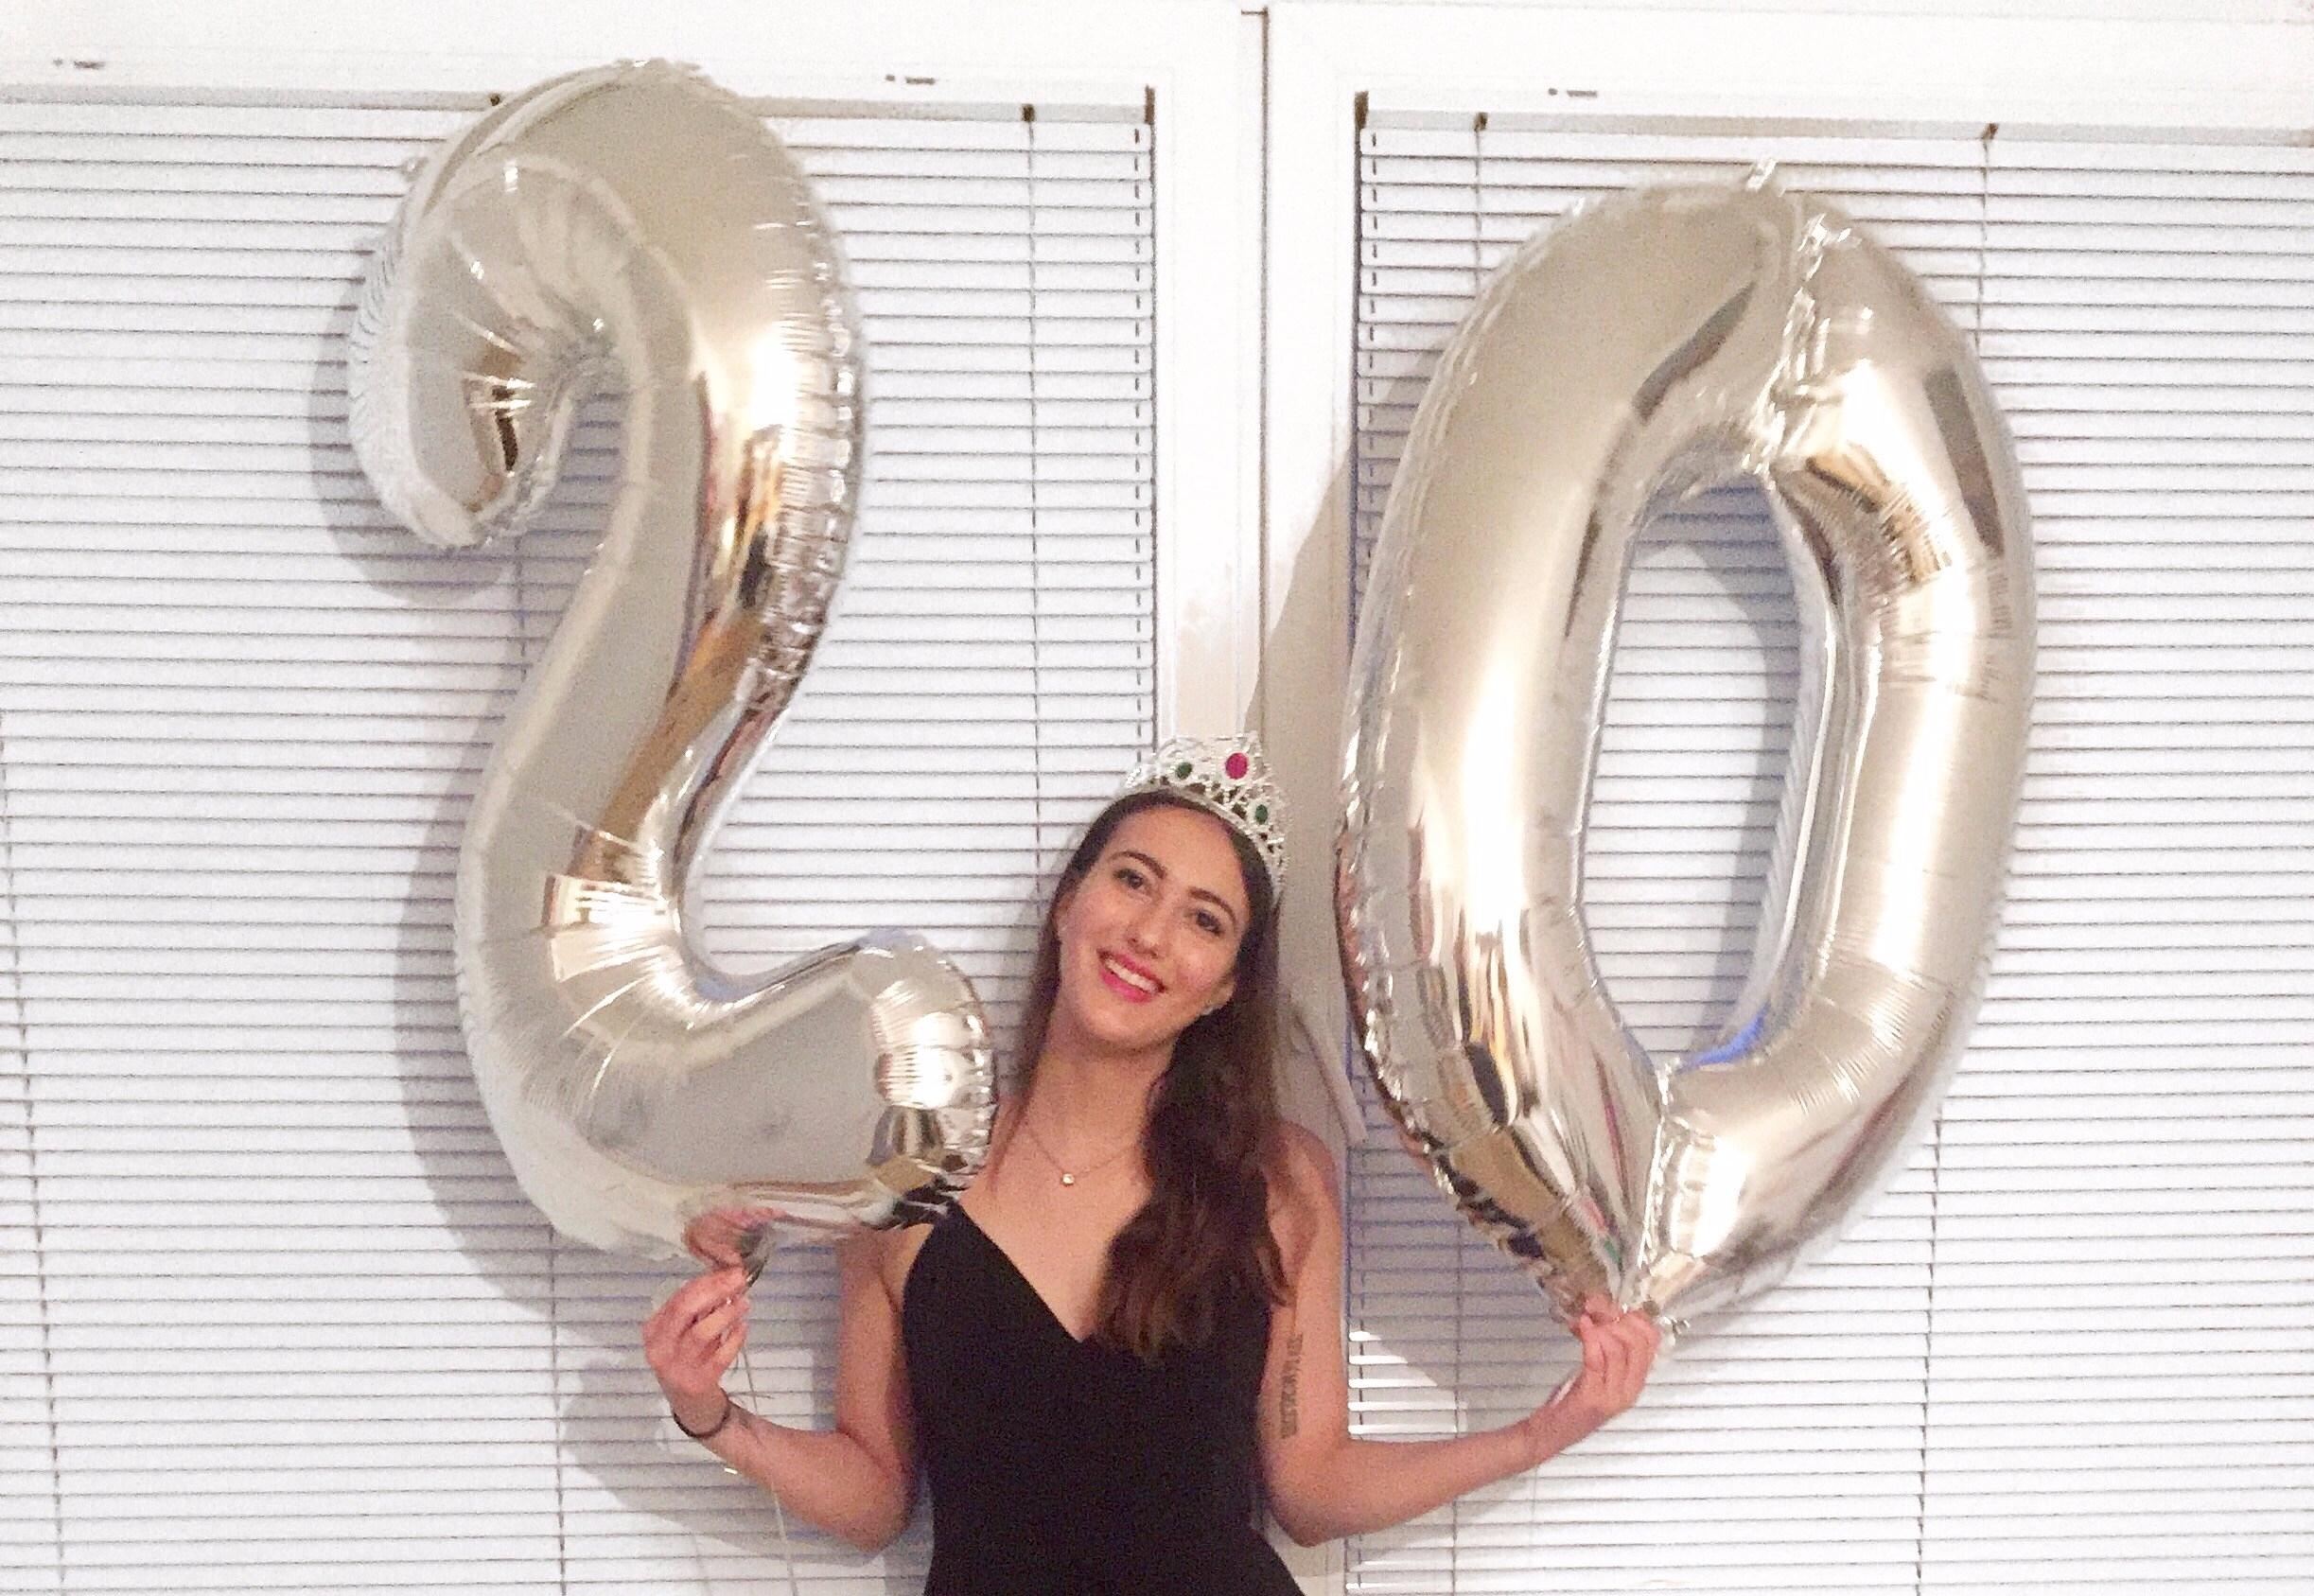 Bitch, I'm 20!